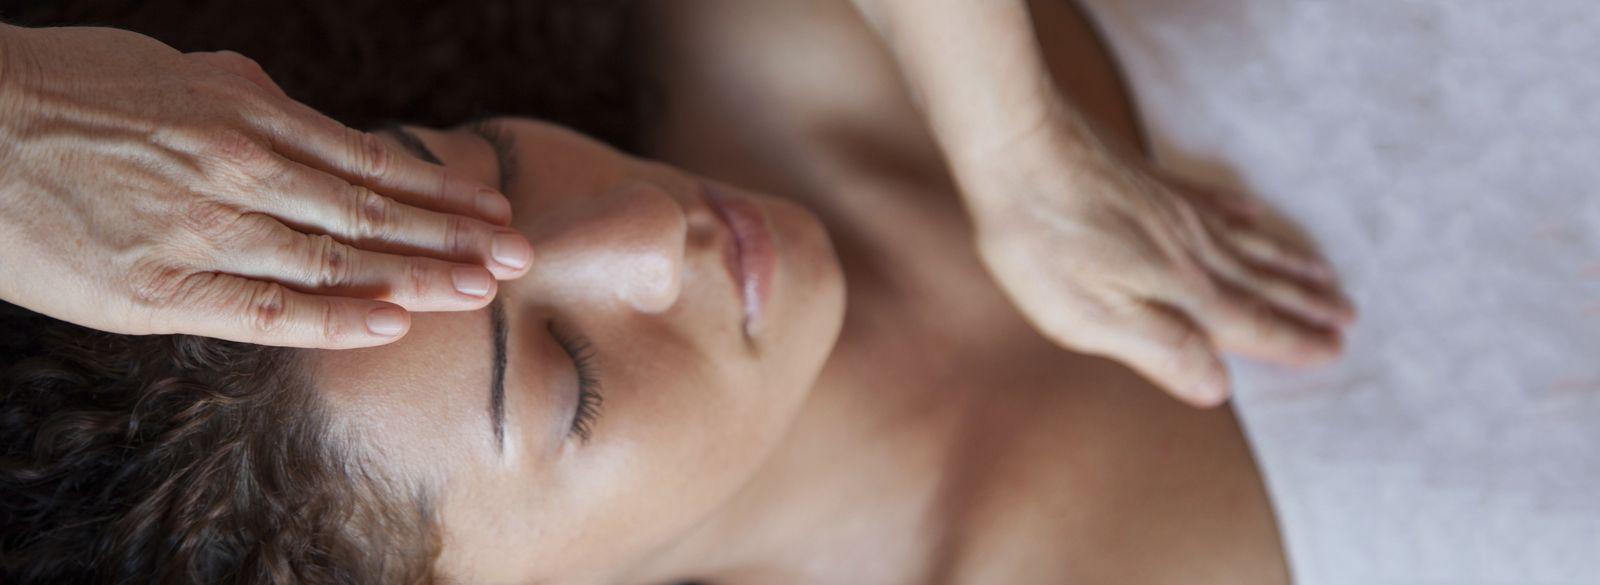 Reflexología facial: Servicios y productos de Centro de Salud y Estética Mara